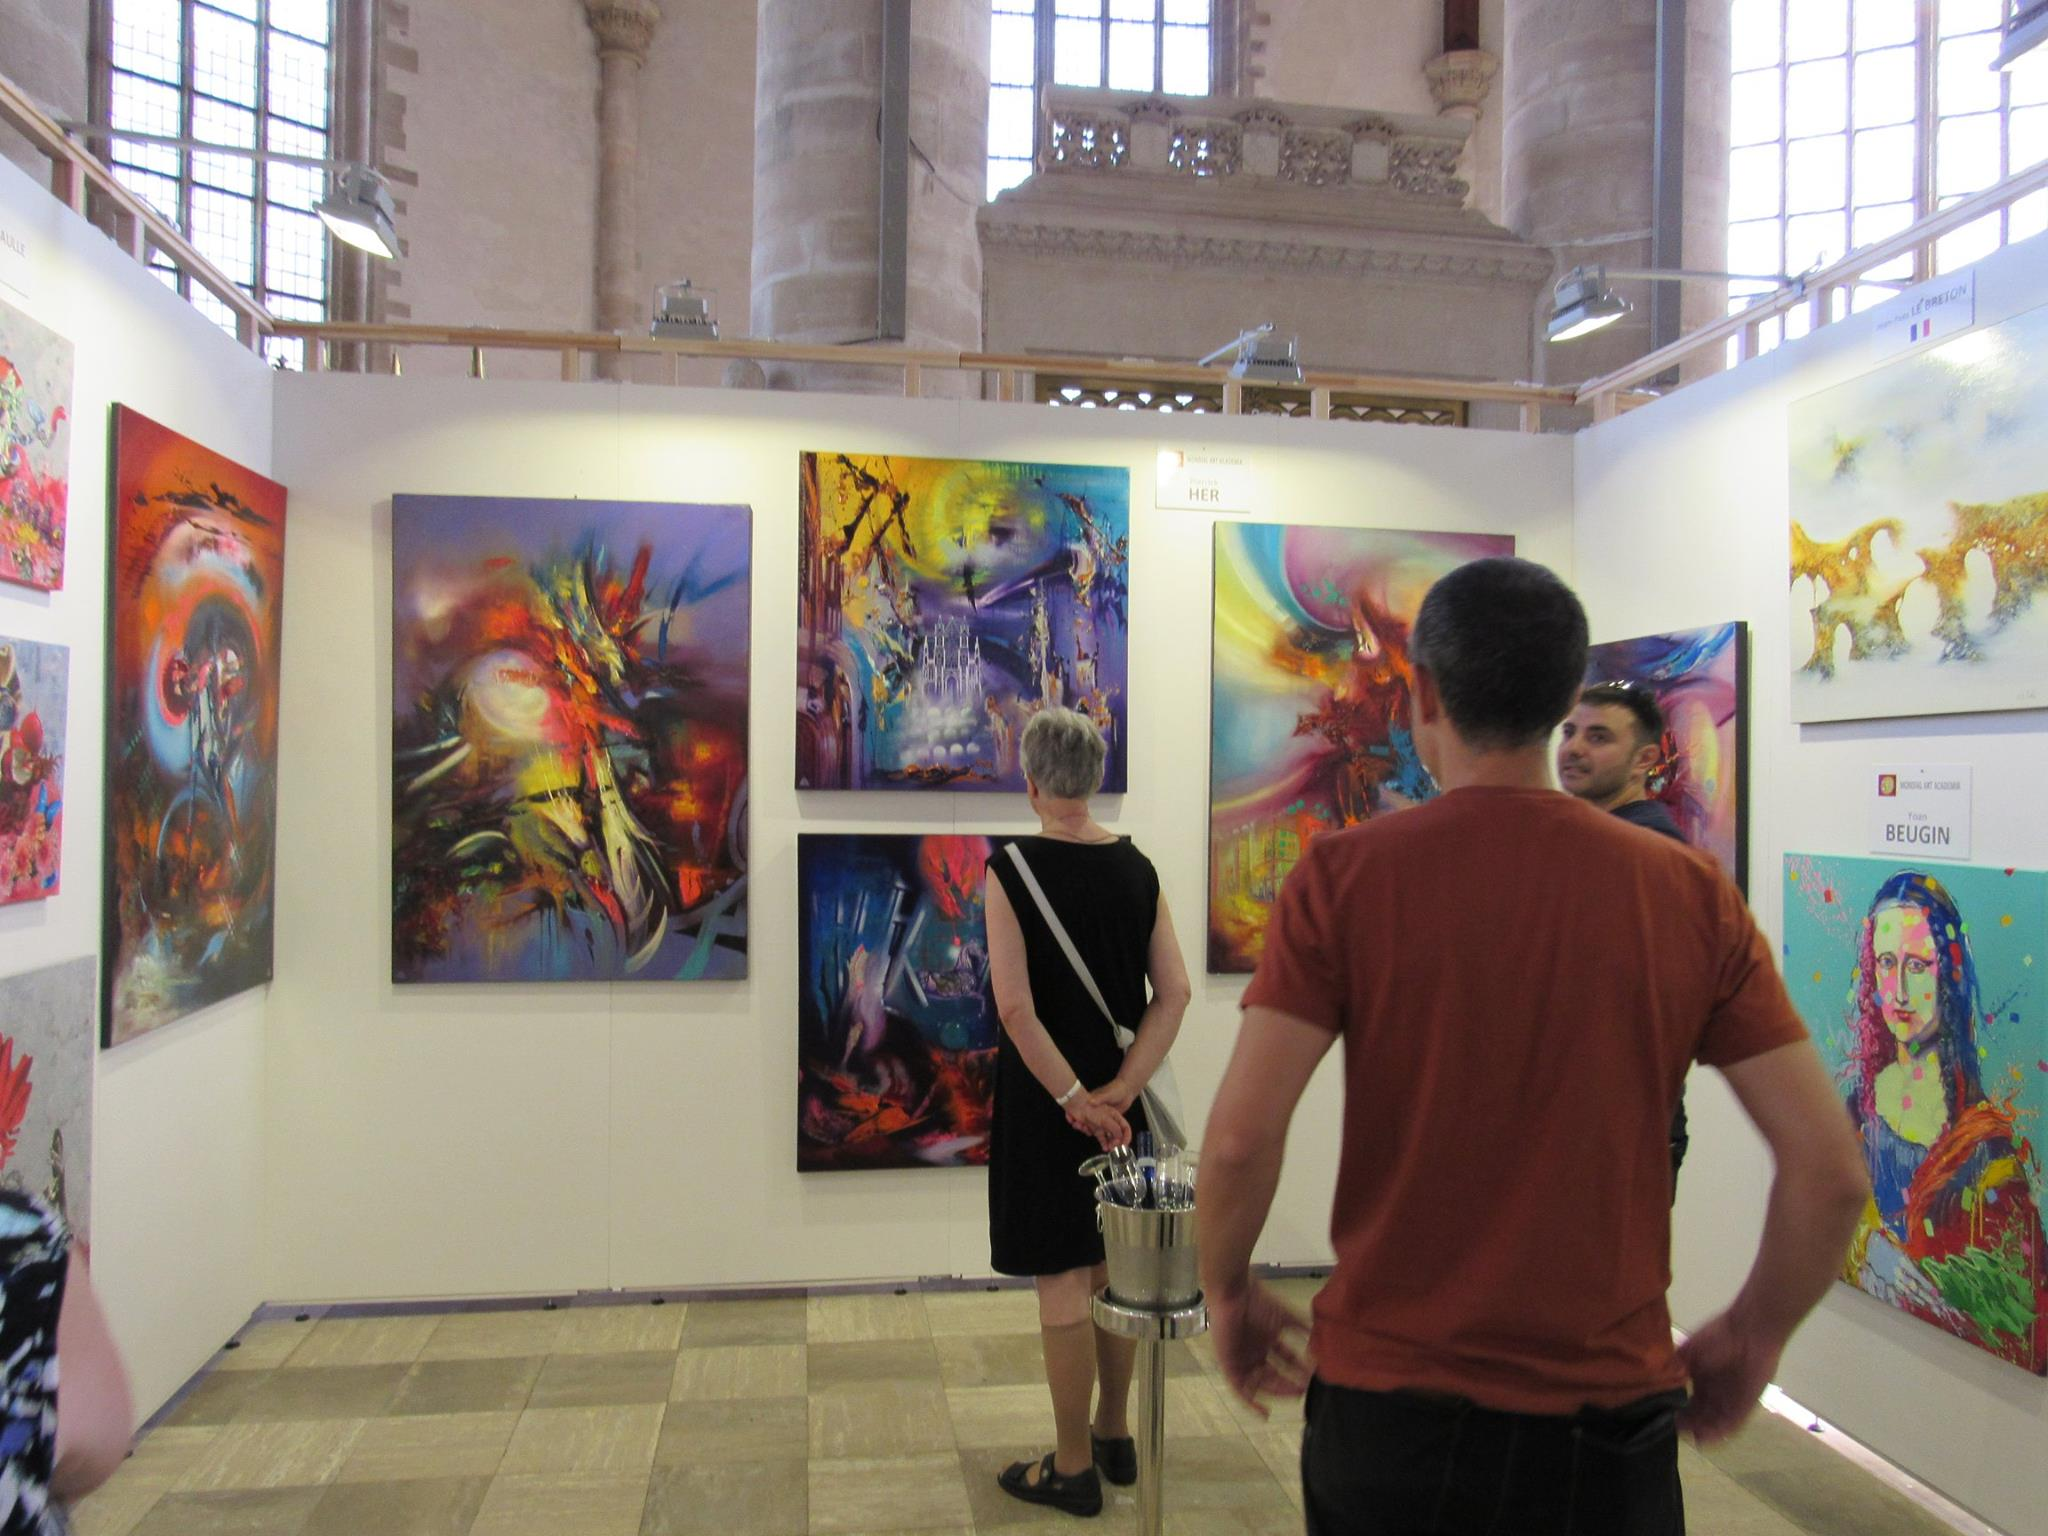 Rotterdam Intl Art Fair 2016 - SORiaN picture11.jpg